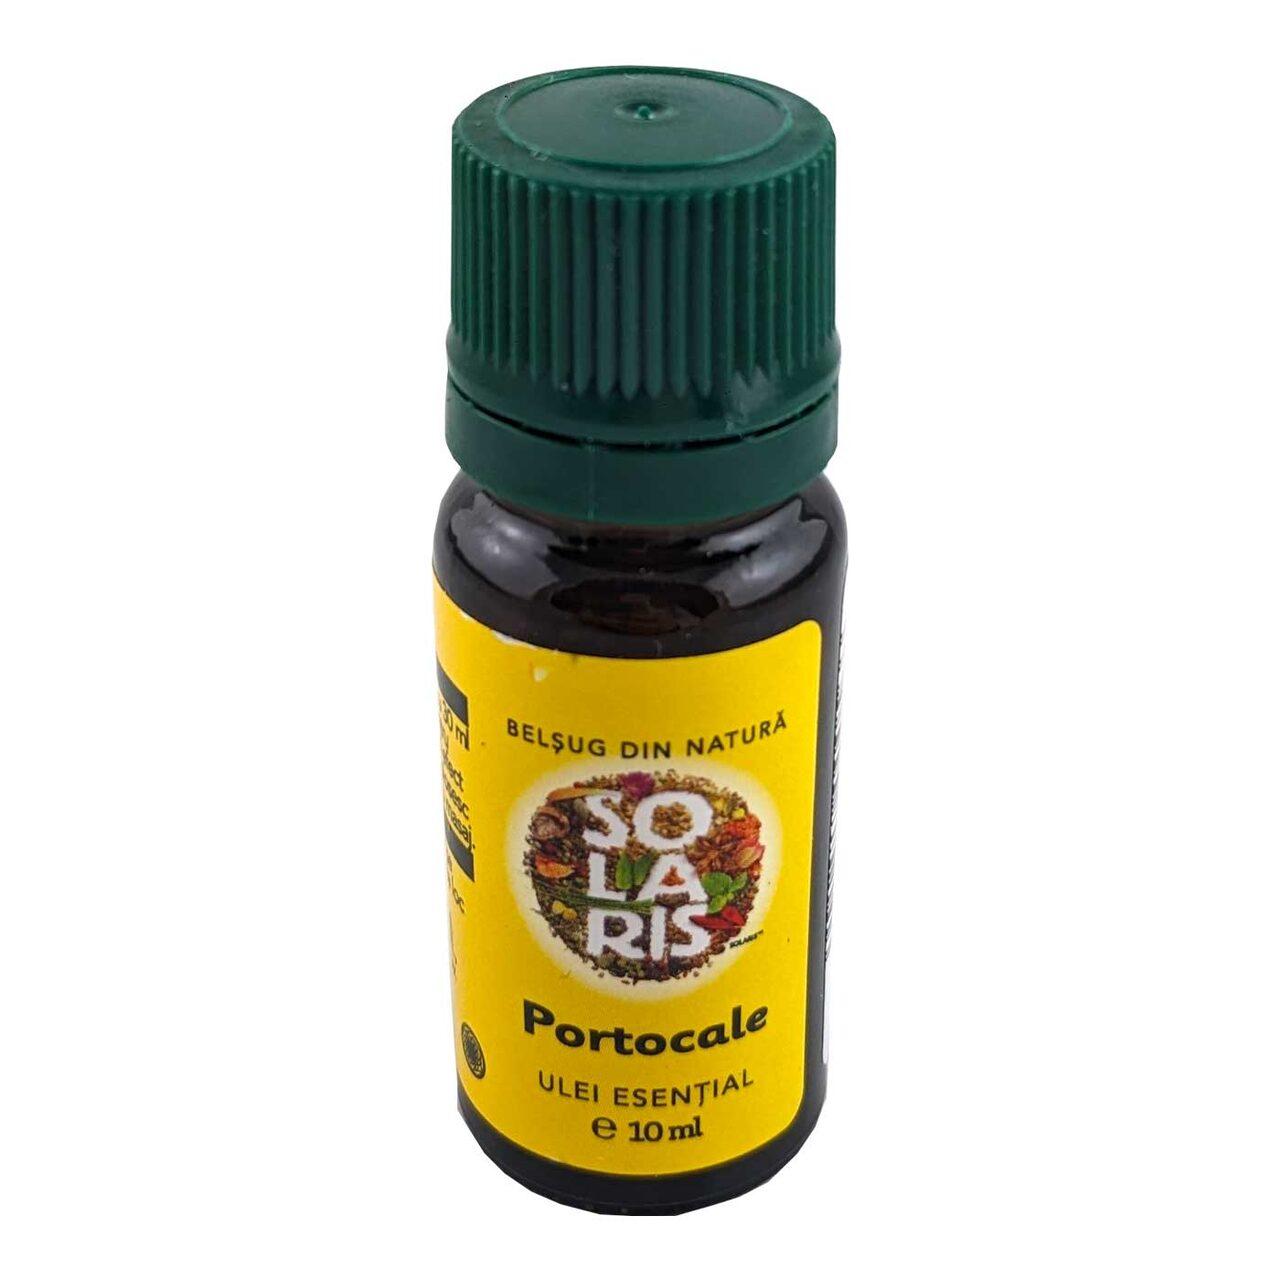 Cum să aplicați uleiuri esențiale din vene varicoase și venei spider? - Motive